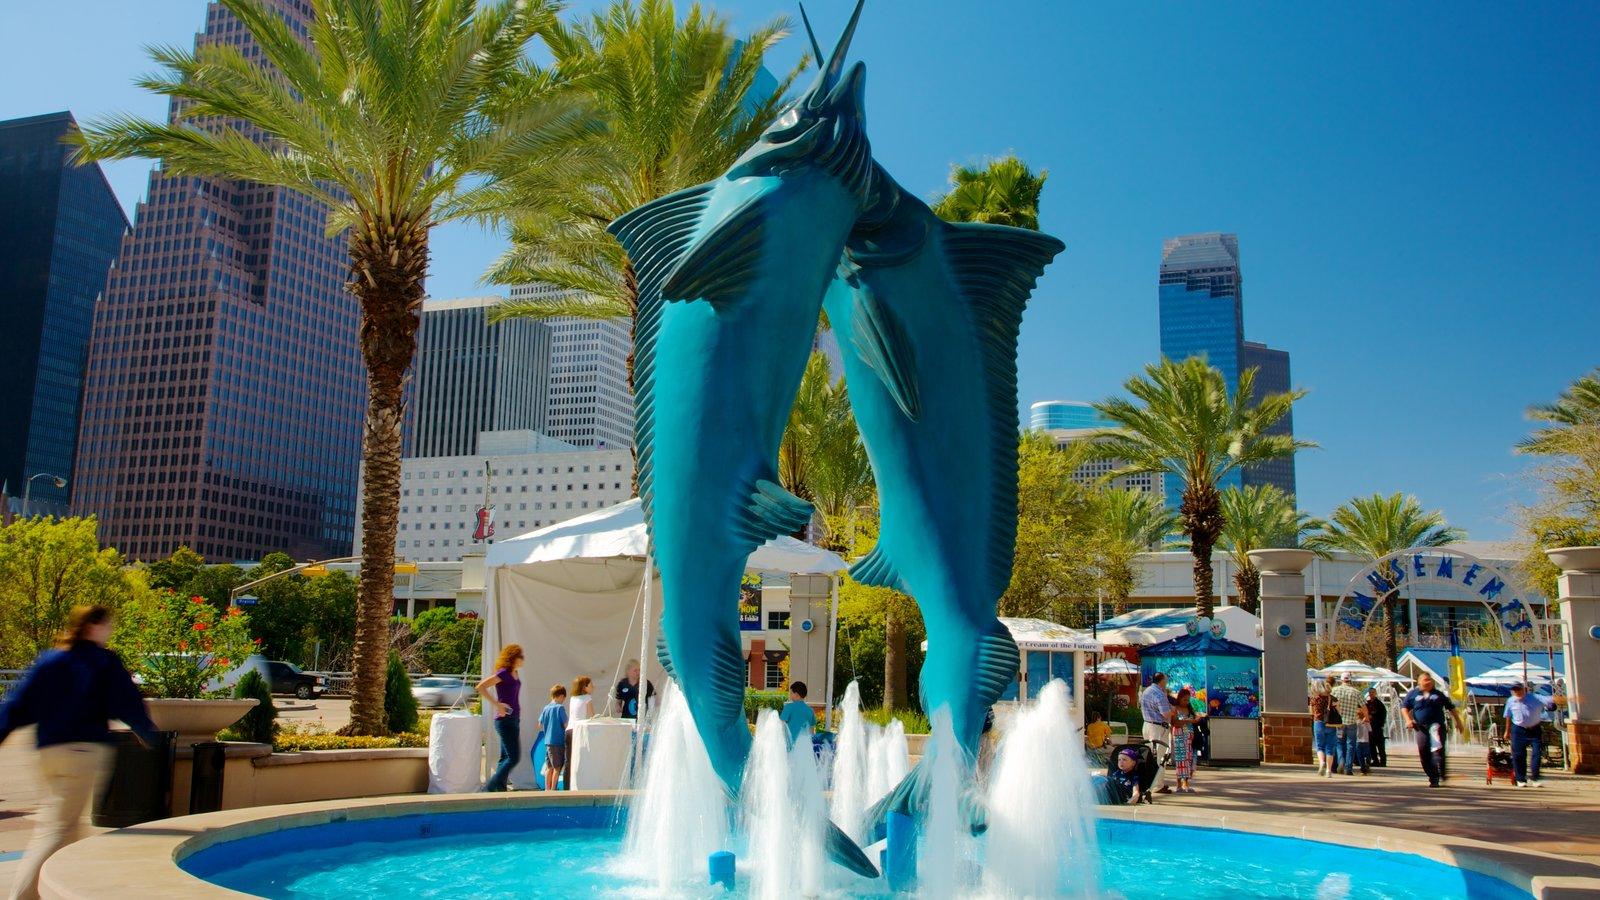 Downtown Aquarium mostrando paisagens da cidade, uma cidade e uma fonte